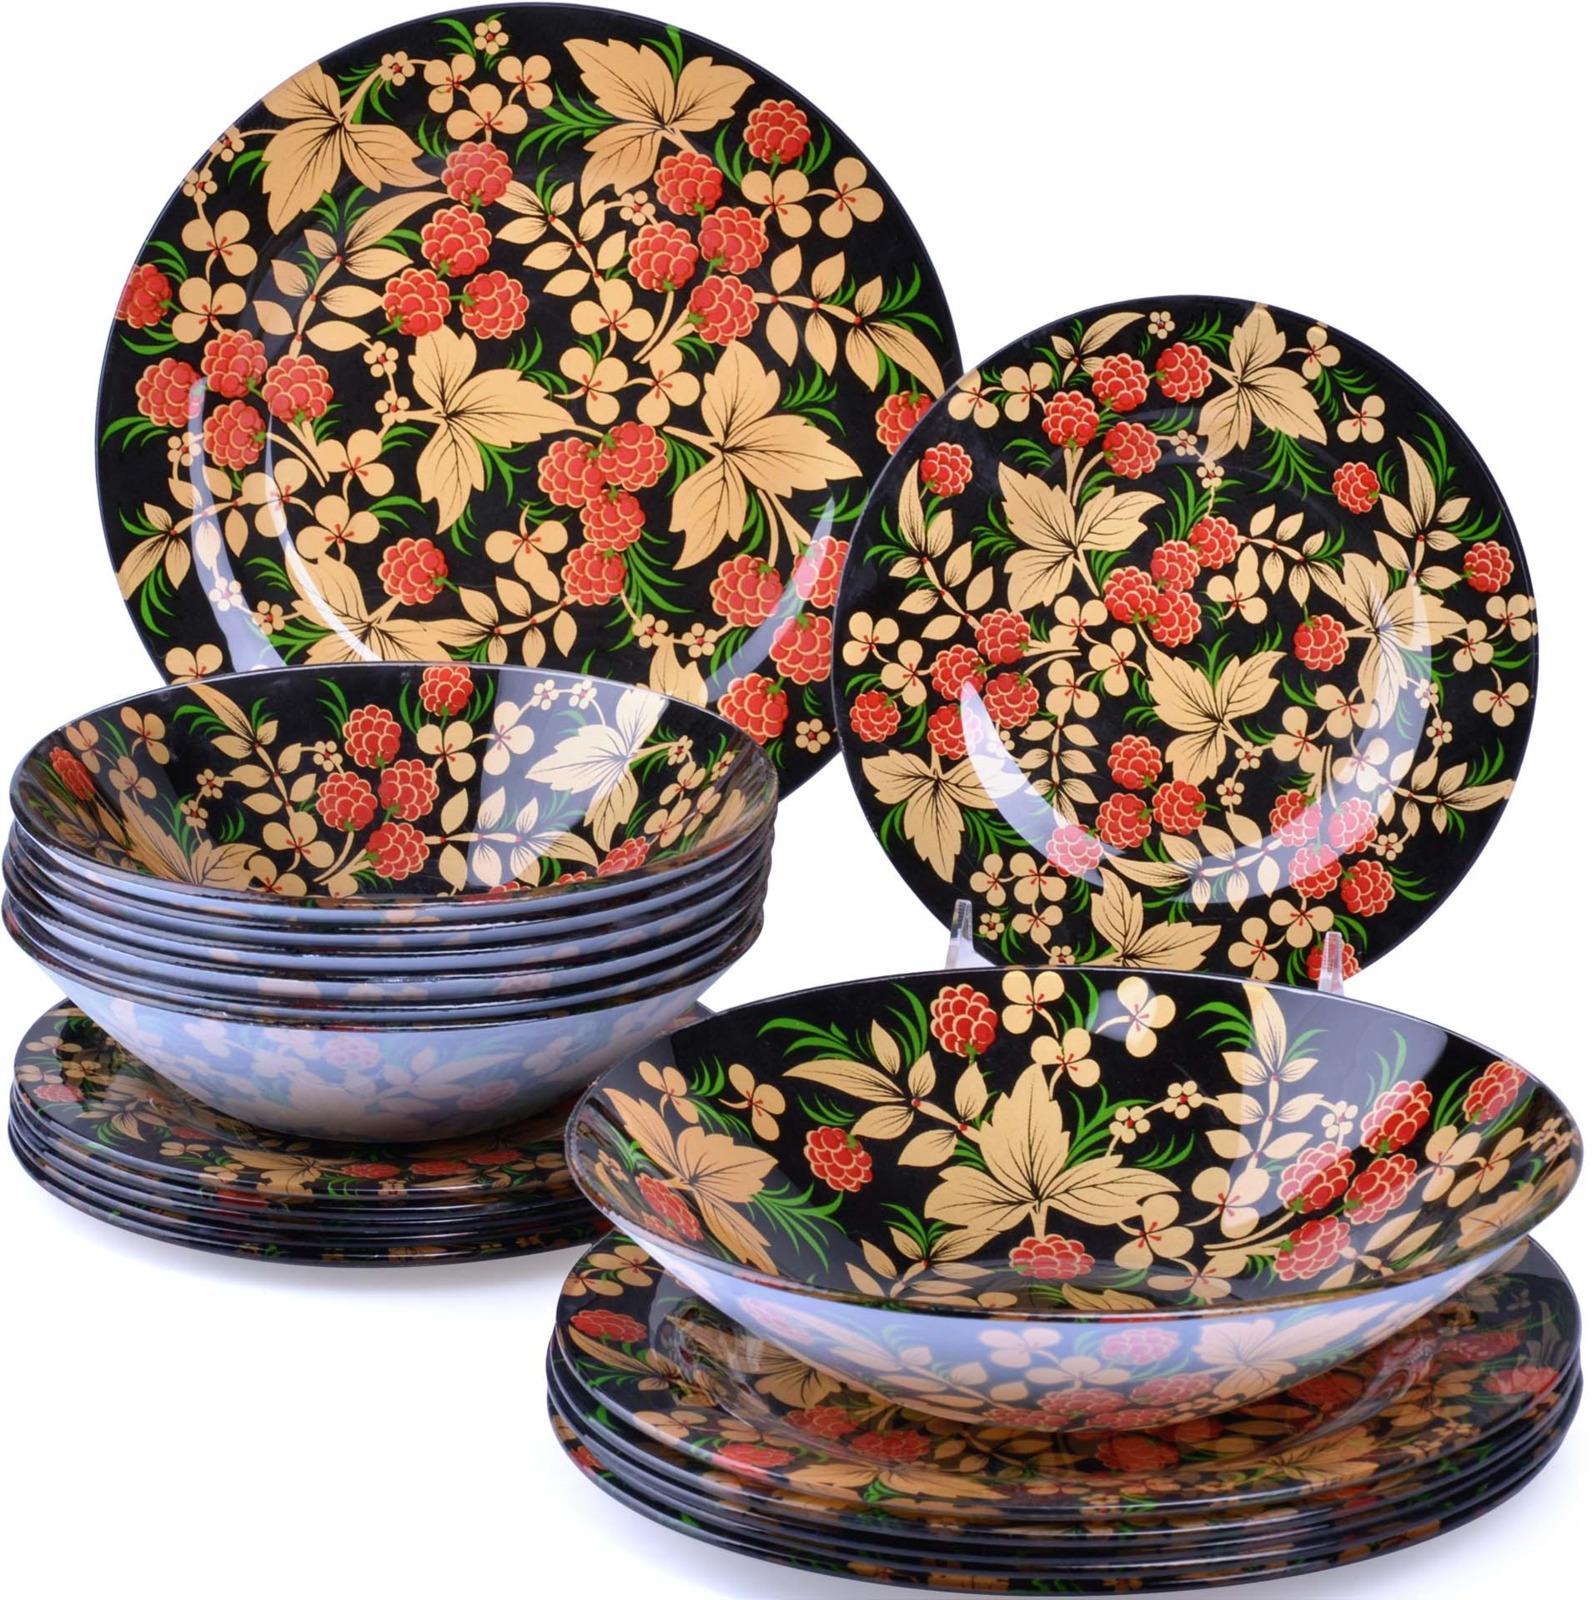 Набор посуды Loraine выполнен из стекла и декорирован красочным цветочным рисунком. Данный набор предназначен для сервировки обеденного стола на 6 персон. Форма изделий круглая. Классический дизайн сочетается в нем с максимальной функциональностью. Такой набор послужит отличным подарком к любому празднику, а также добавит элегантности и уюта любому праздничному столу! Посуда обладает гладкой непористой поверхностью, не впитывает запахи, устойчива к перепадам температуры и легко моется. В набор входит 6 десертных тарелок, 6 глубоких тарелок, 6 больших тарелок и 1 большая салатница. Подходит для мытья в посудомоечной машине.